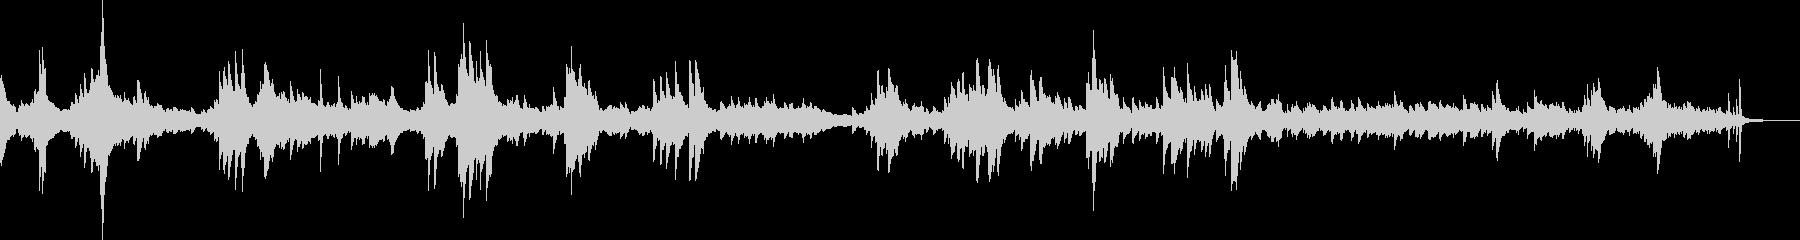 絶望(ピアノ・暗い・重厚感・悲しい)の未再生の波形